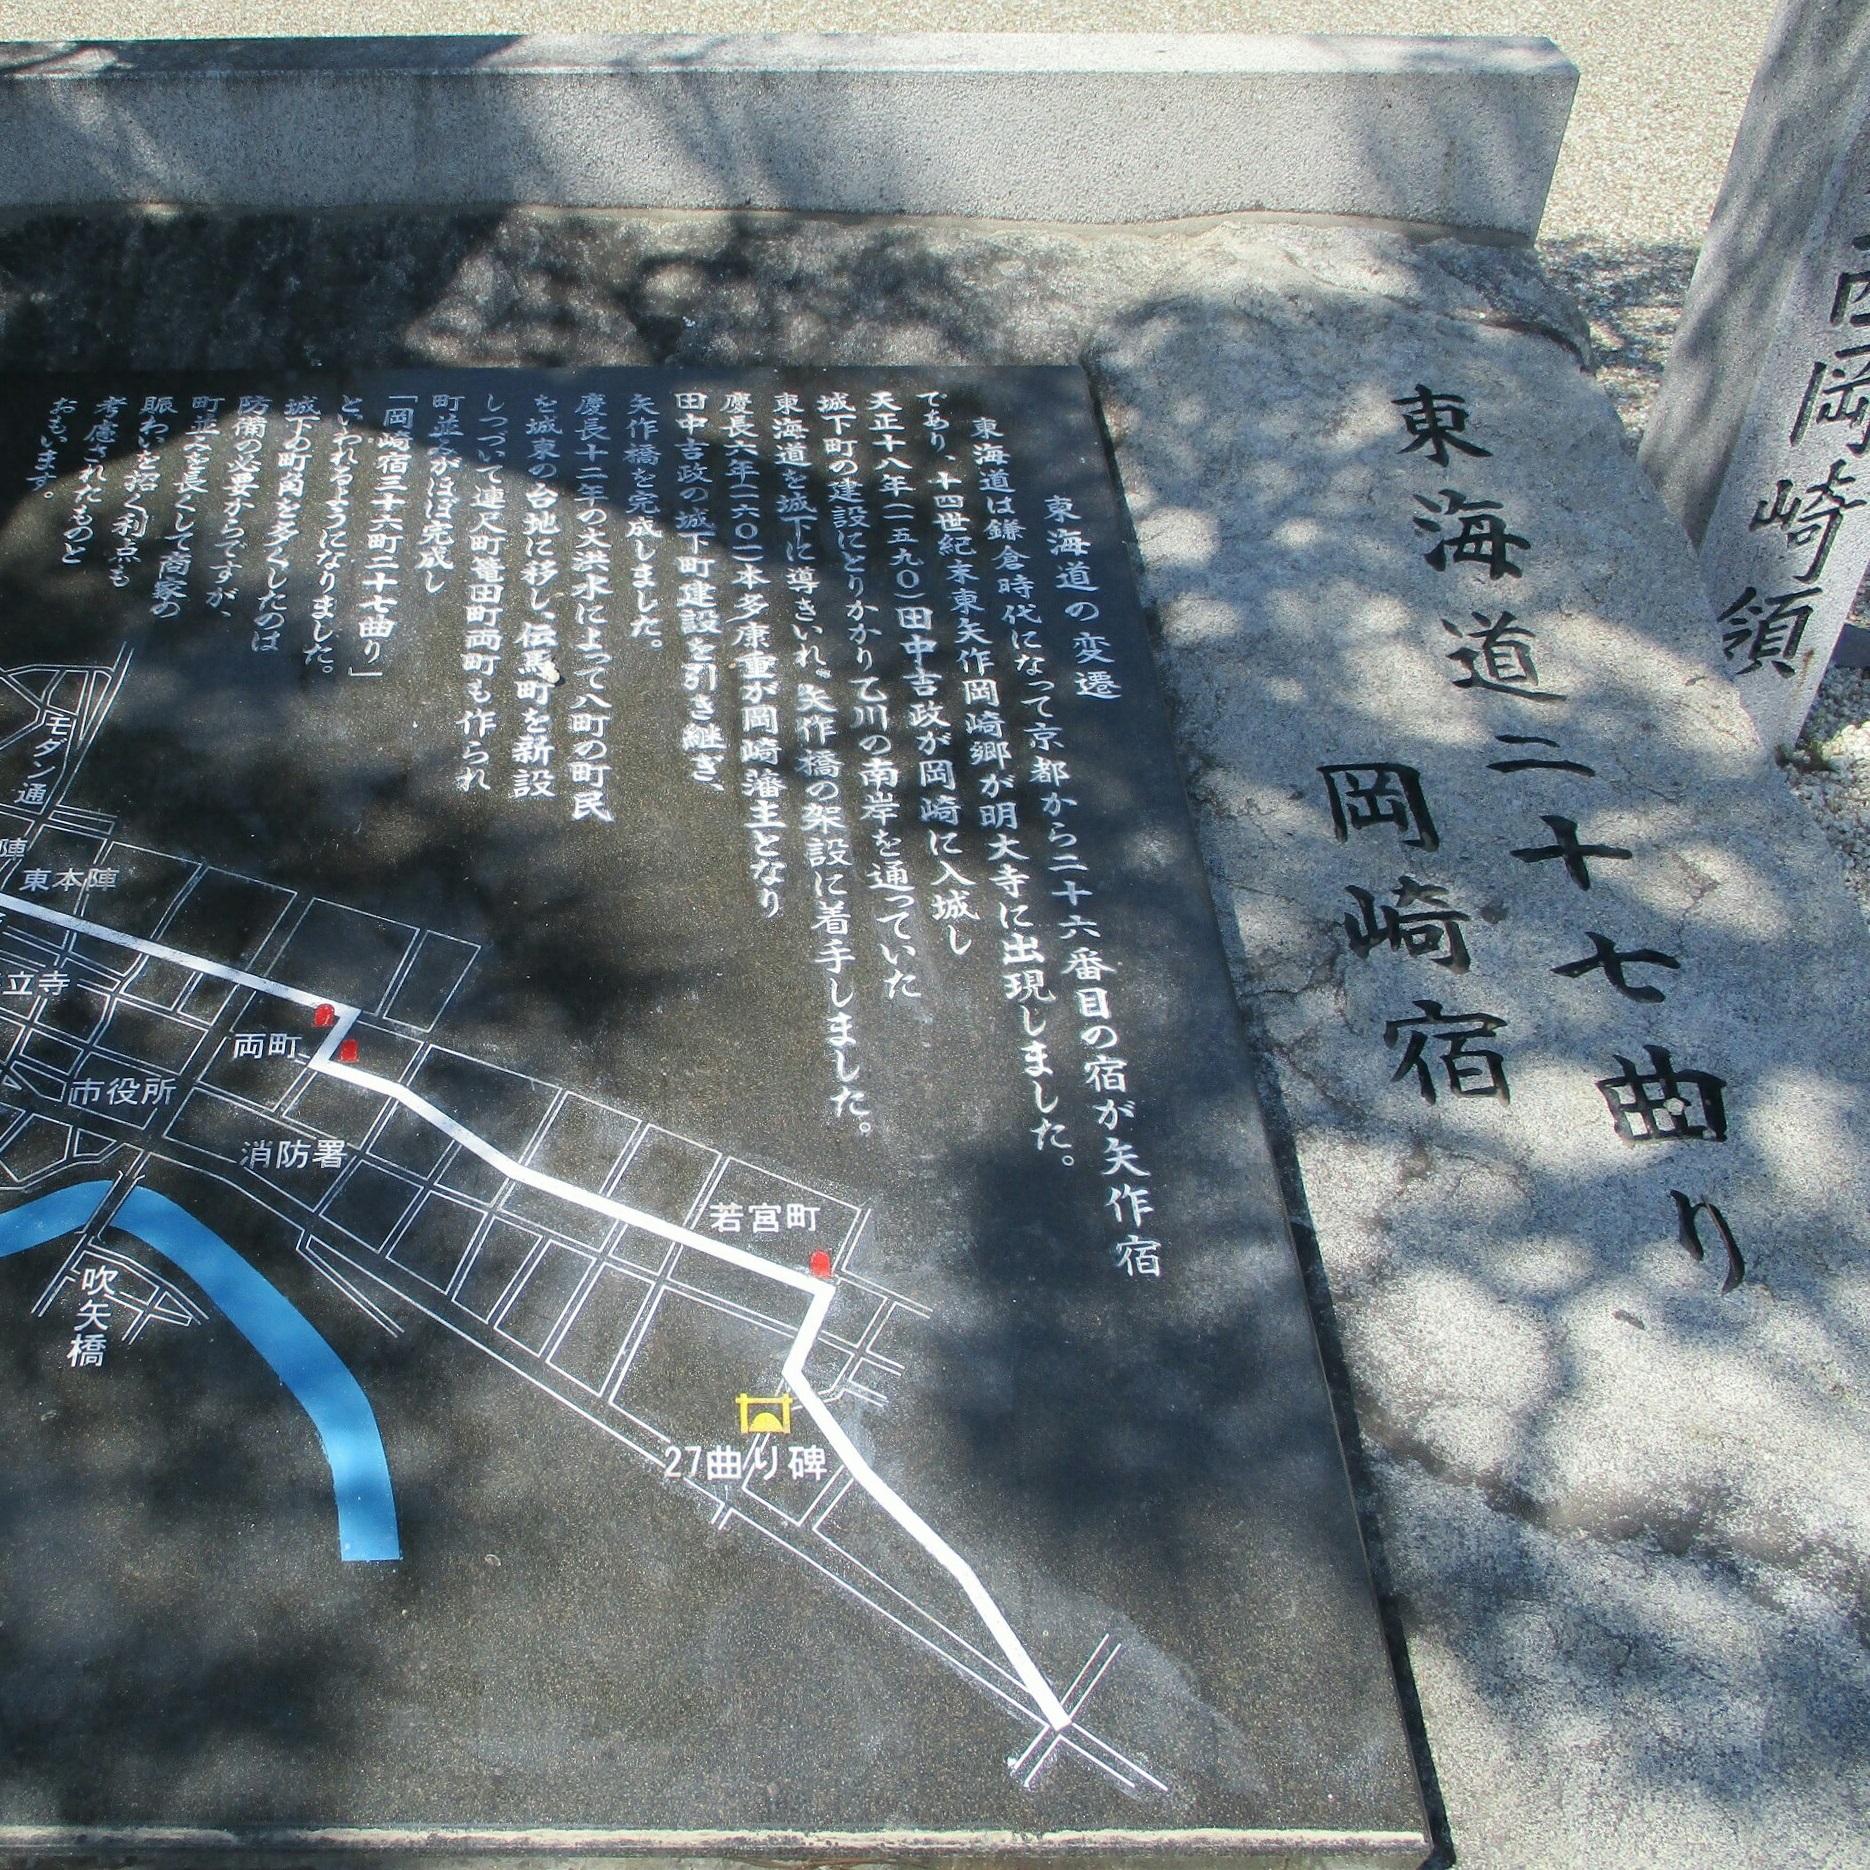 2019.4.9 (25) 岡崎公園 - 「東海道の変遷」 1870-1870